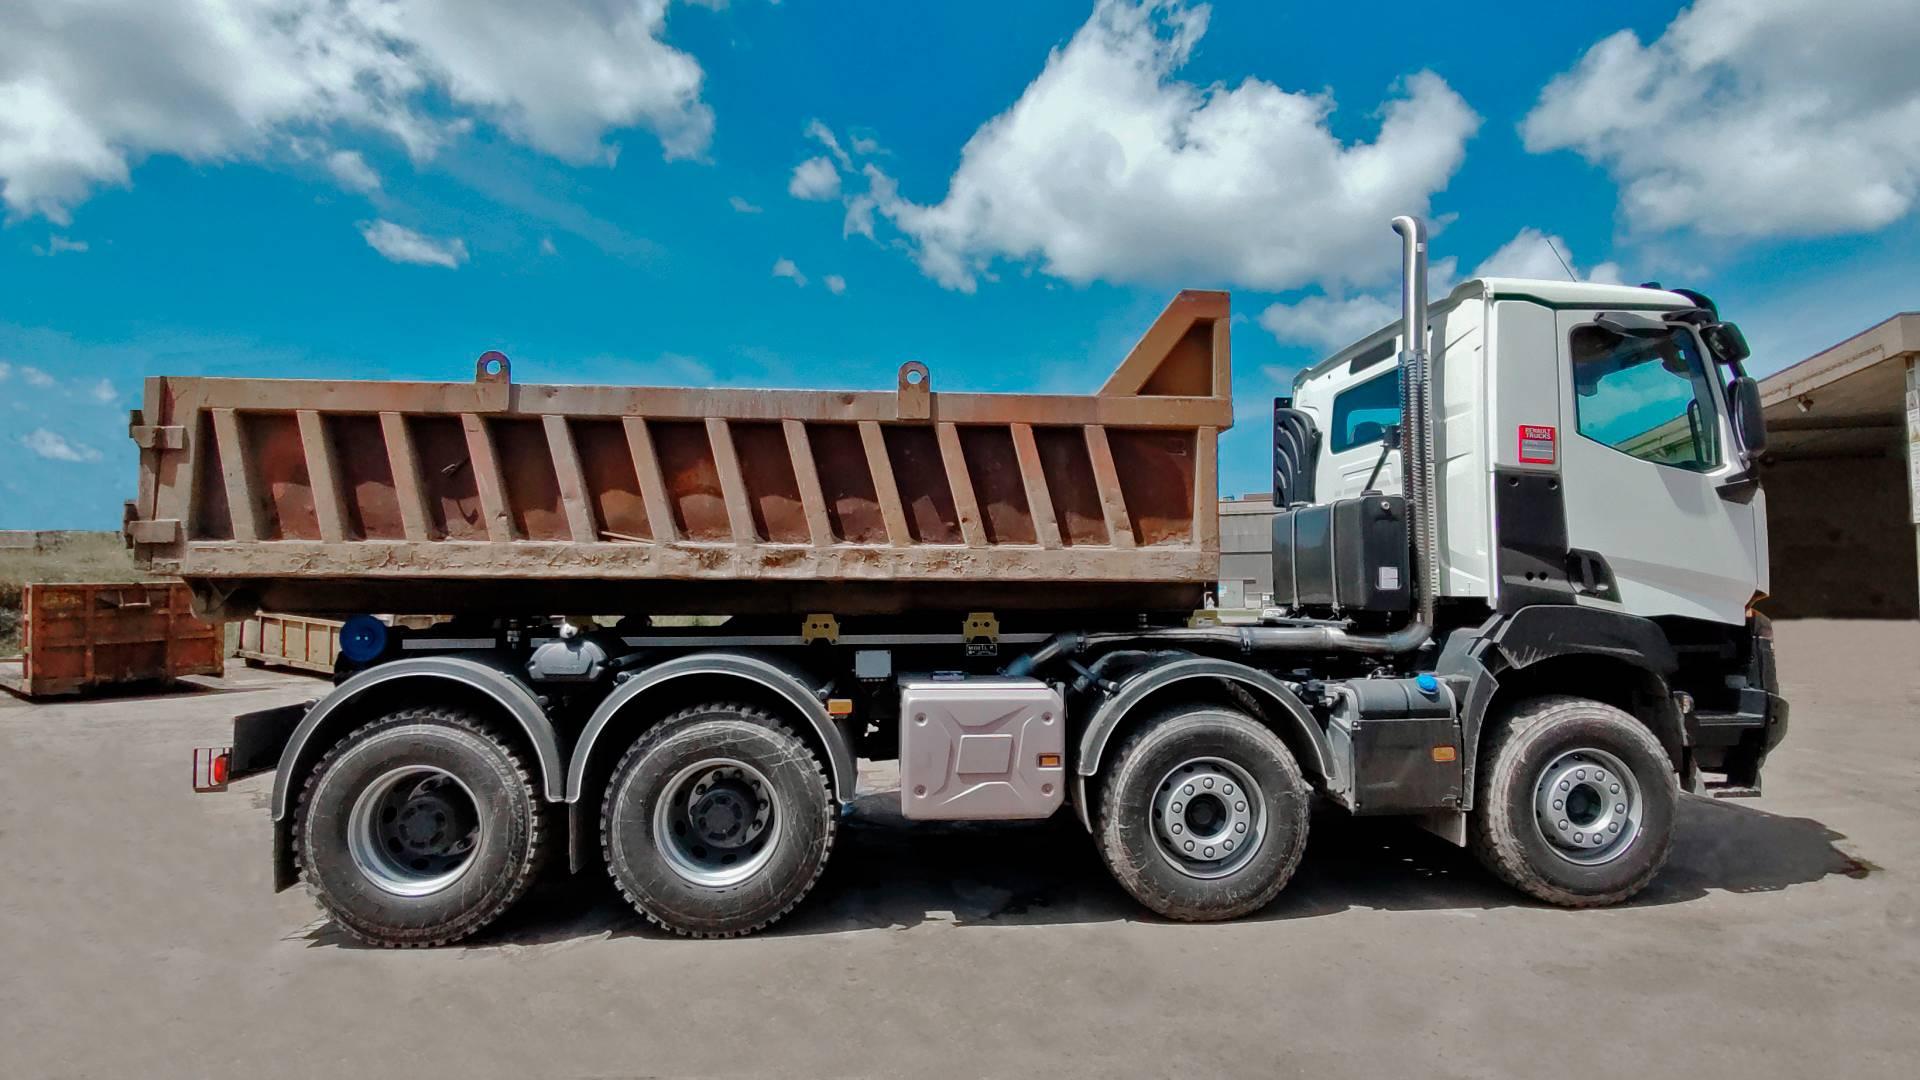 Como evitar sobrecargas desnecessárias por eixo e multas por excesso de carga, com o Sistema de Pesagem OnBoard?